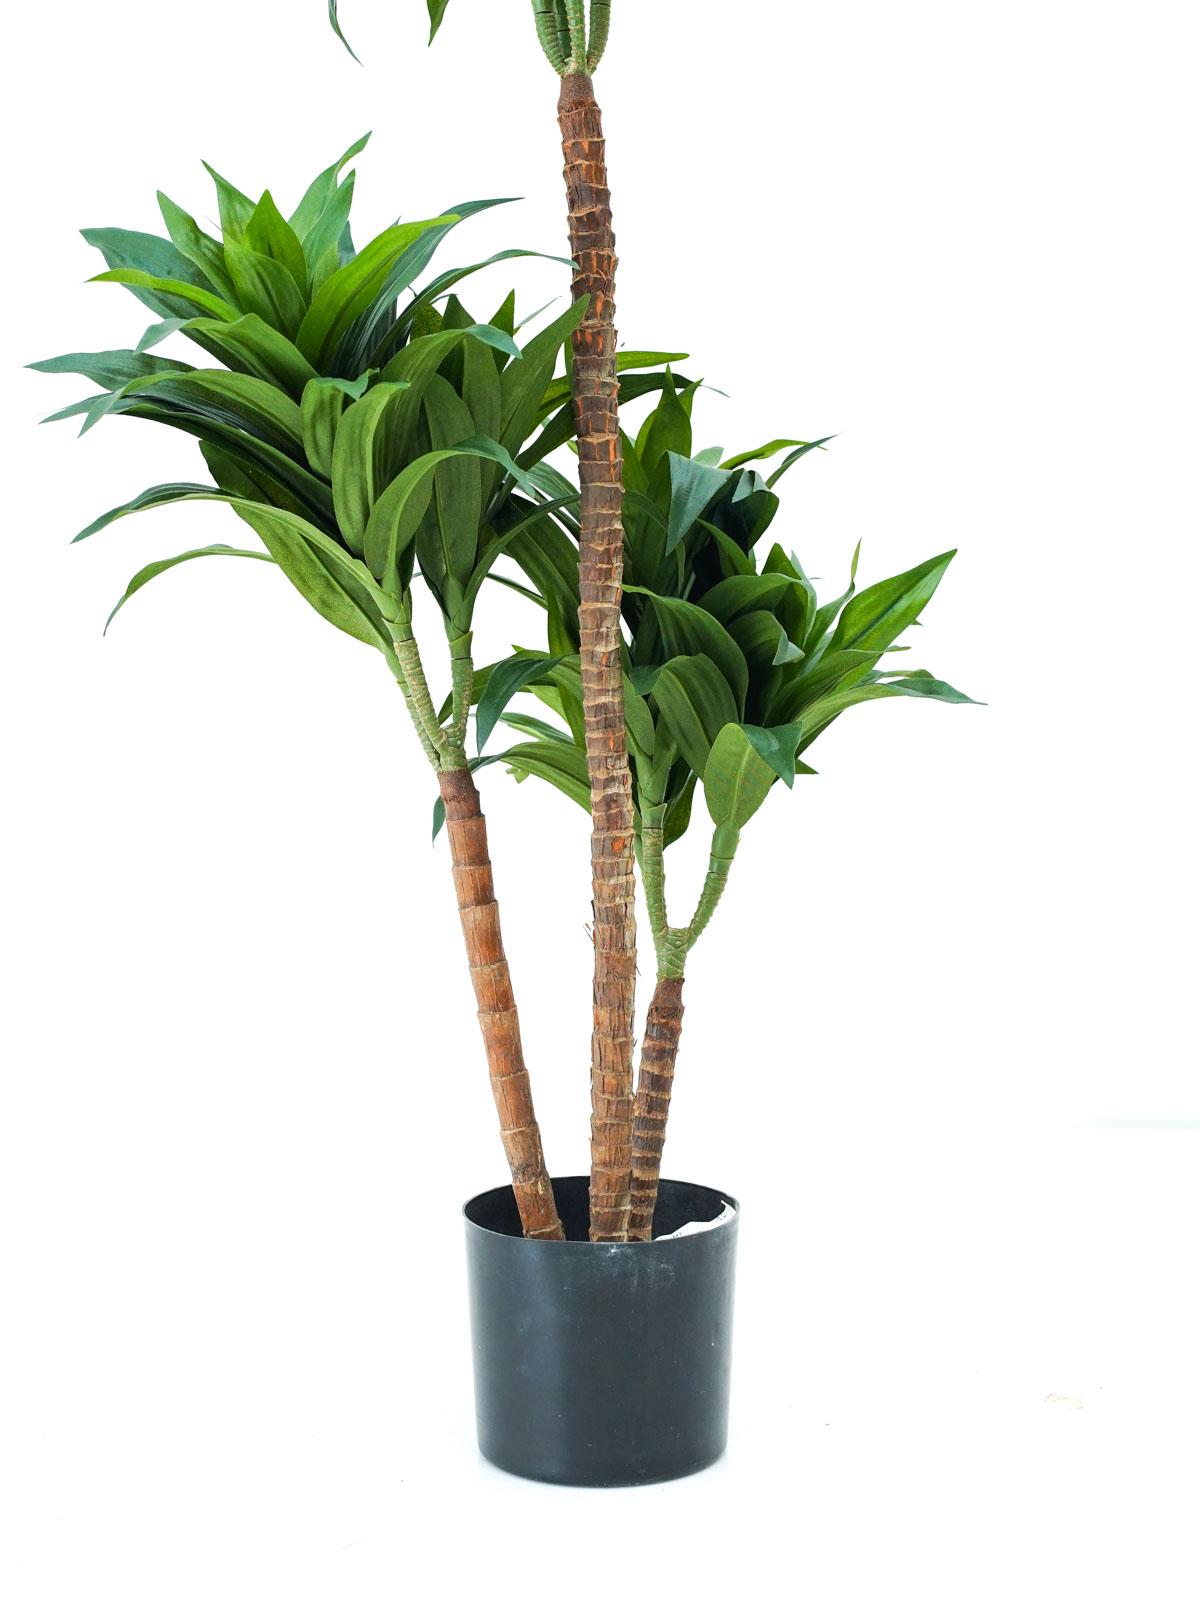 شجرة دراسينا فراجرانس - صغير 'نباتات اصطناعية أشجار